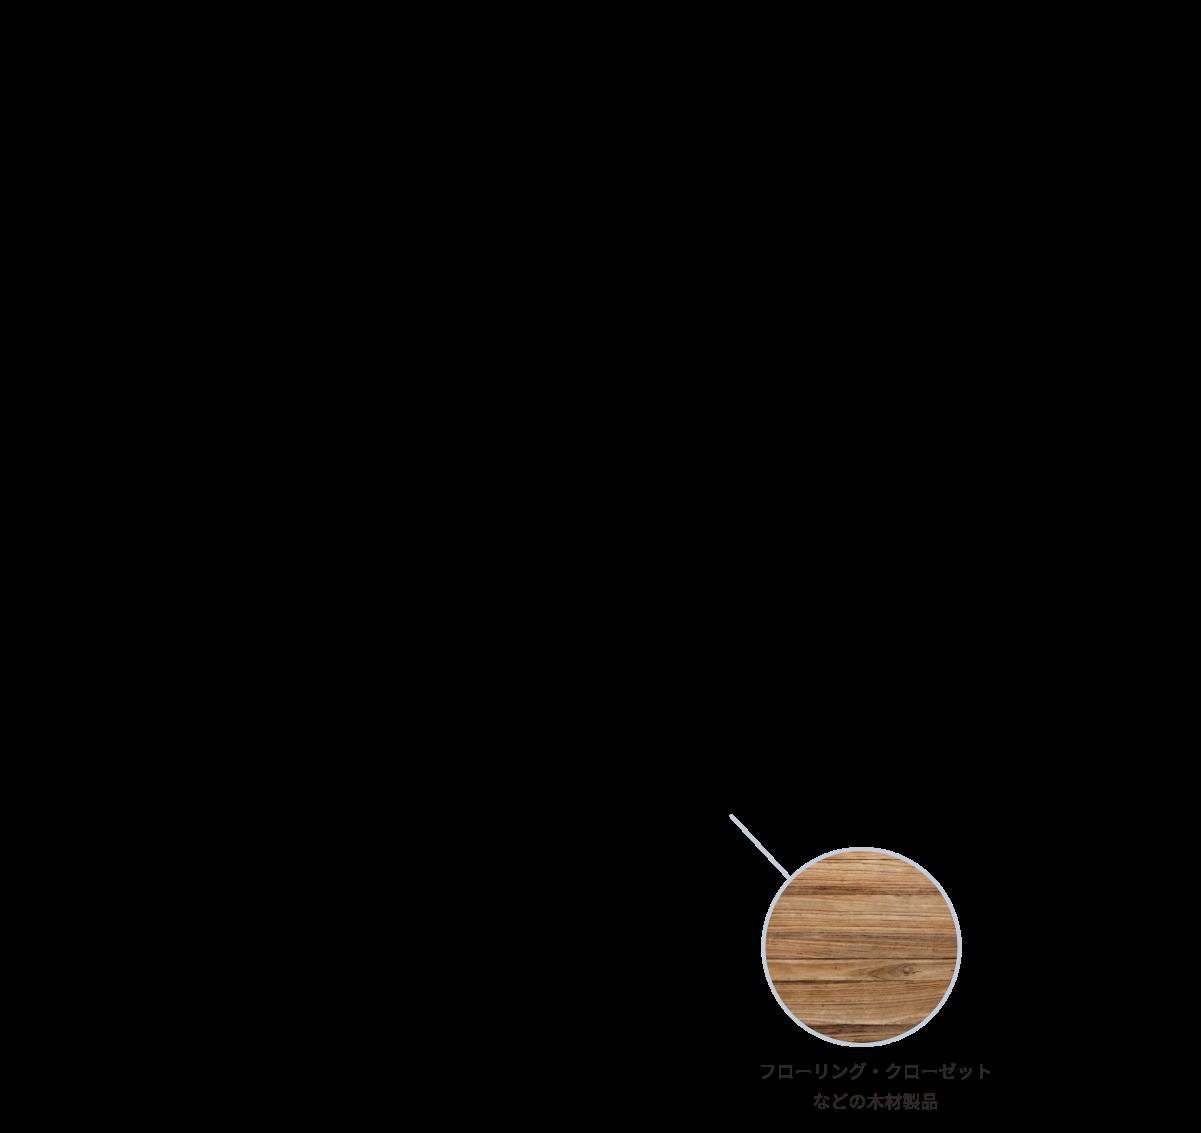 フローリング・クローゼットなどの木材製品